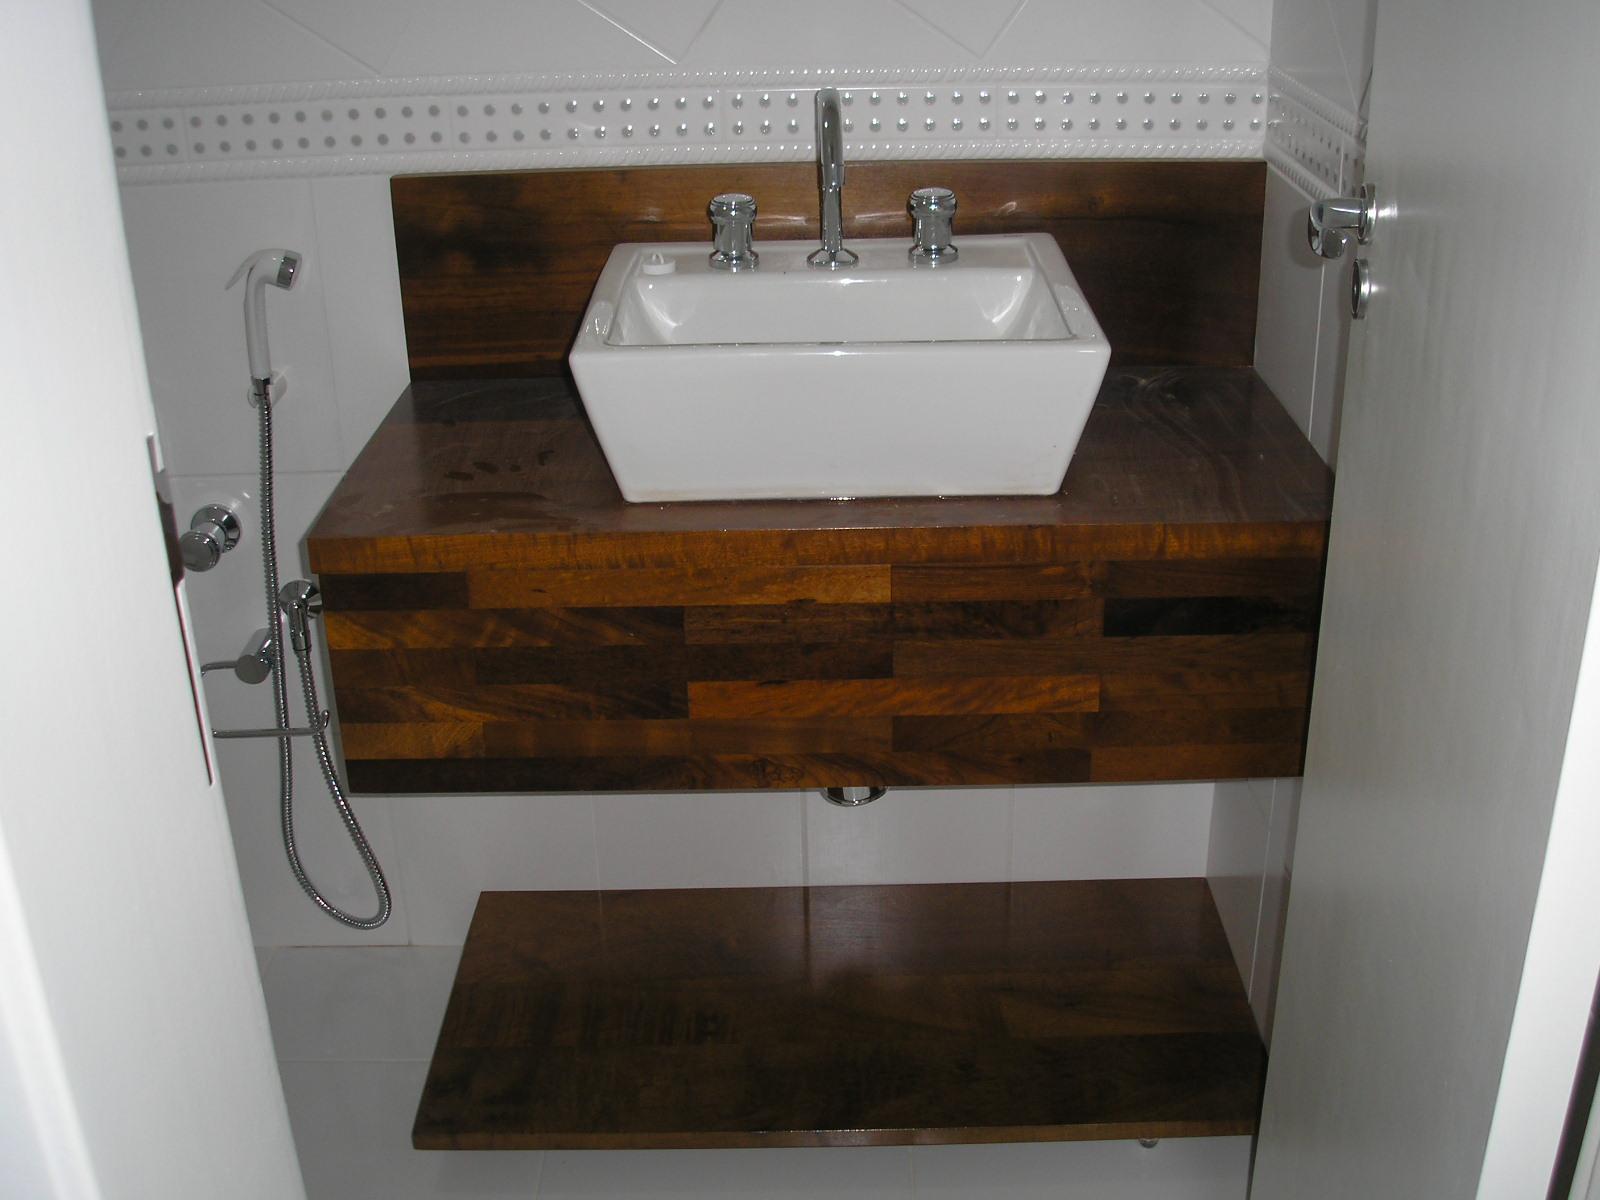 para banheiro em MDF com caixilho em madeira maciça em estrutura de  #5E3D22 1600x1200 Banheiro Com Box De Alvenaria